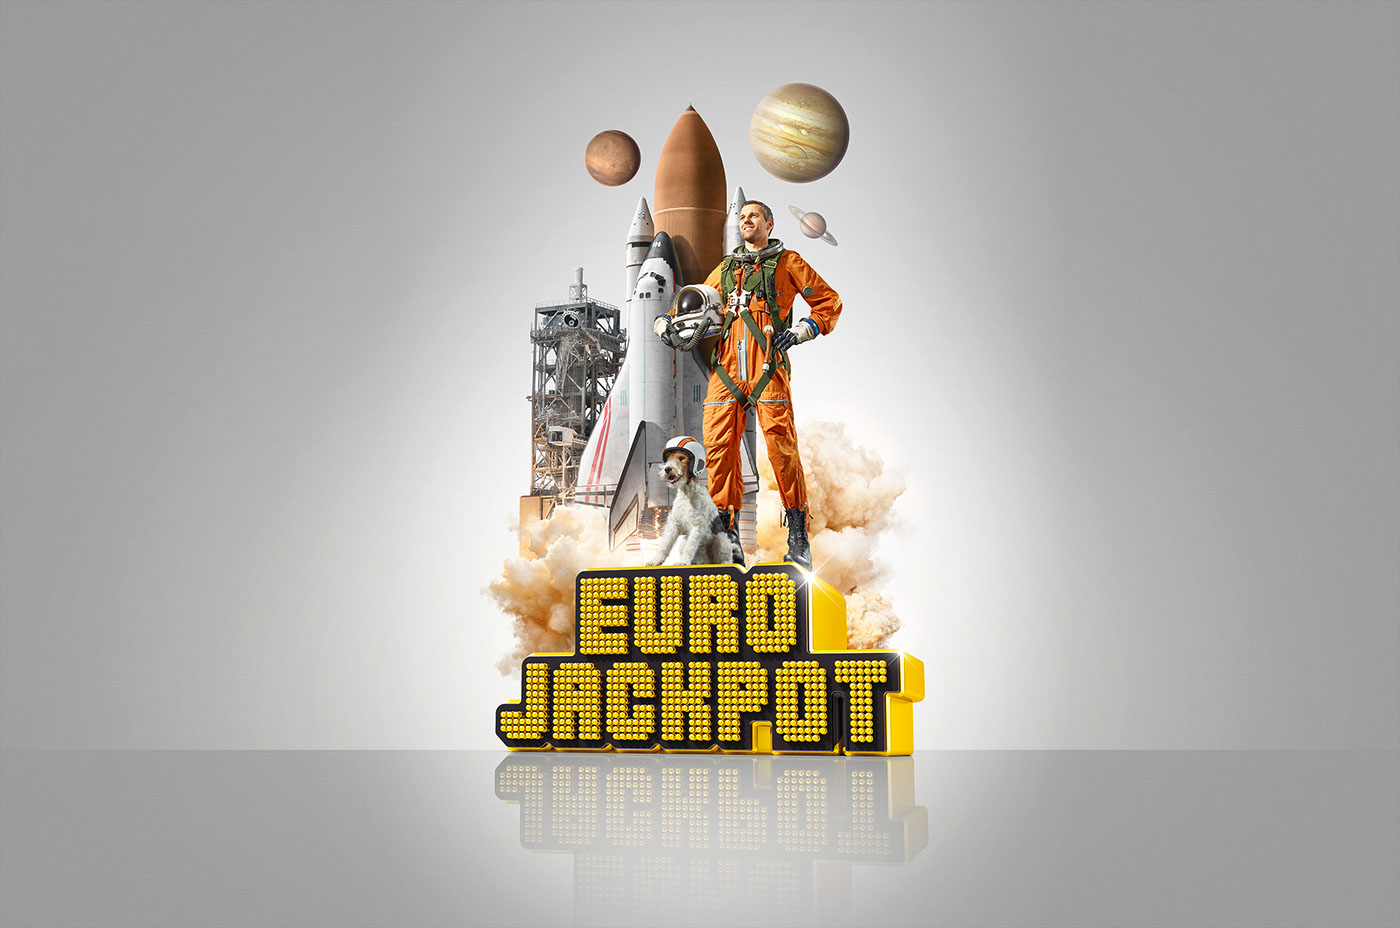 eurojackpot manipulation